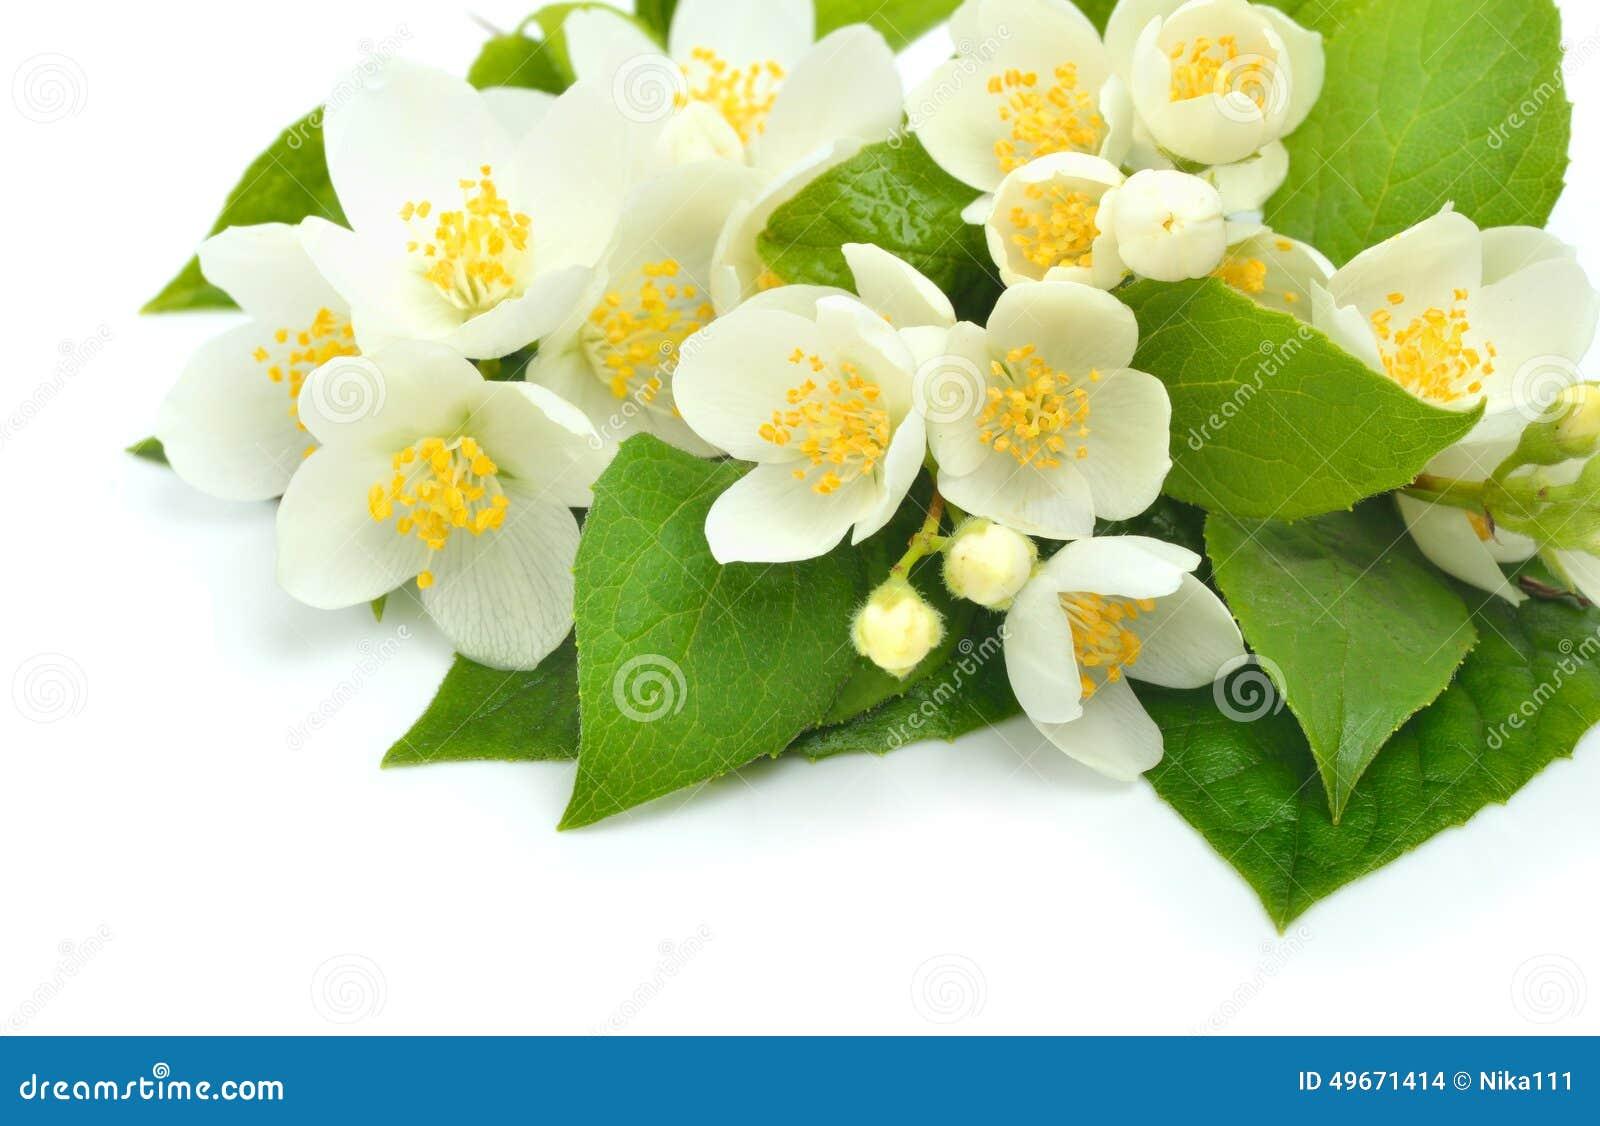 Jasmine Flower Bouquet Isolated On White Stock Photo Image Of